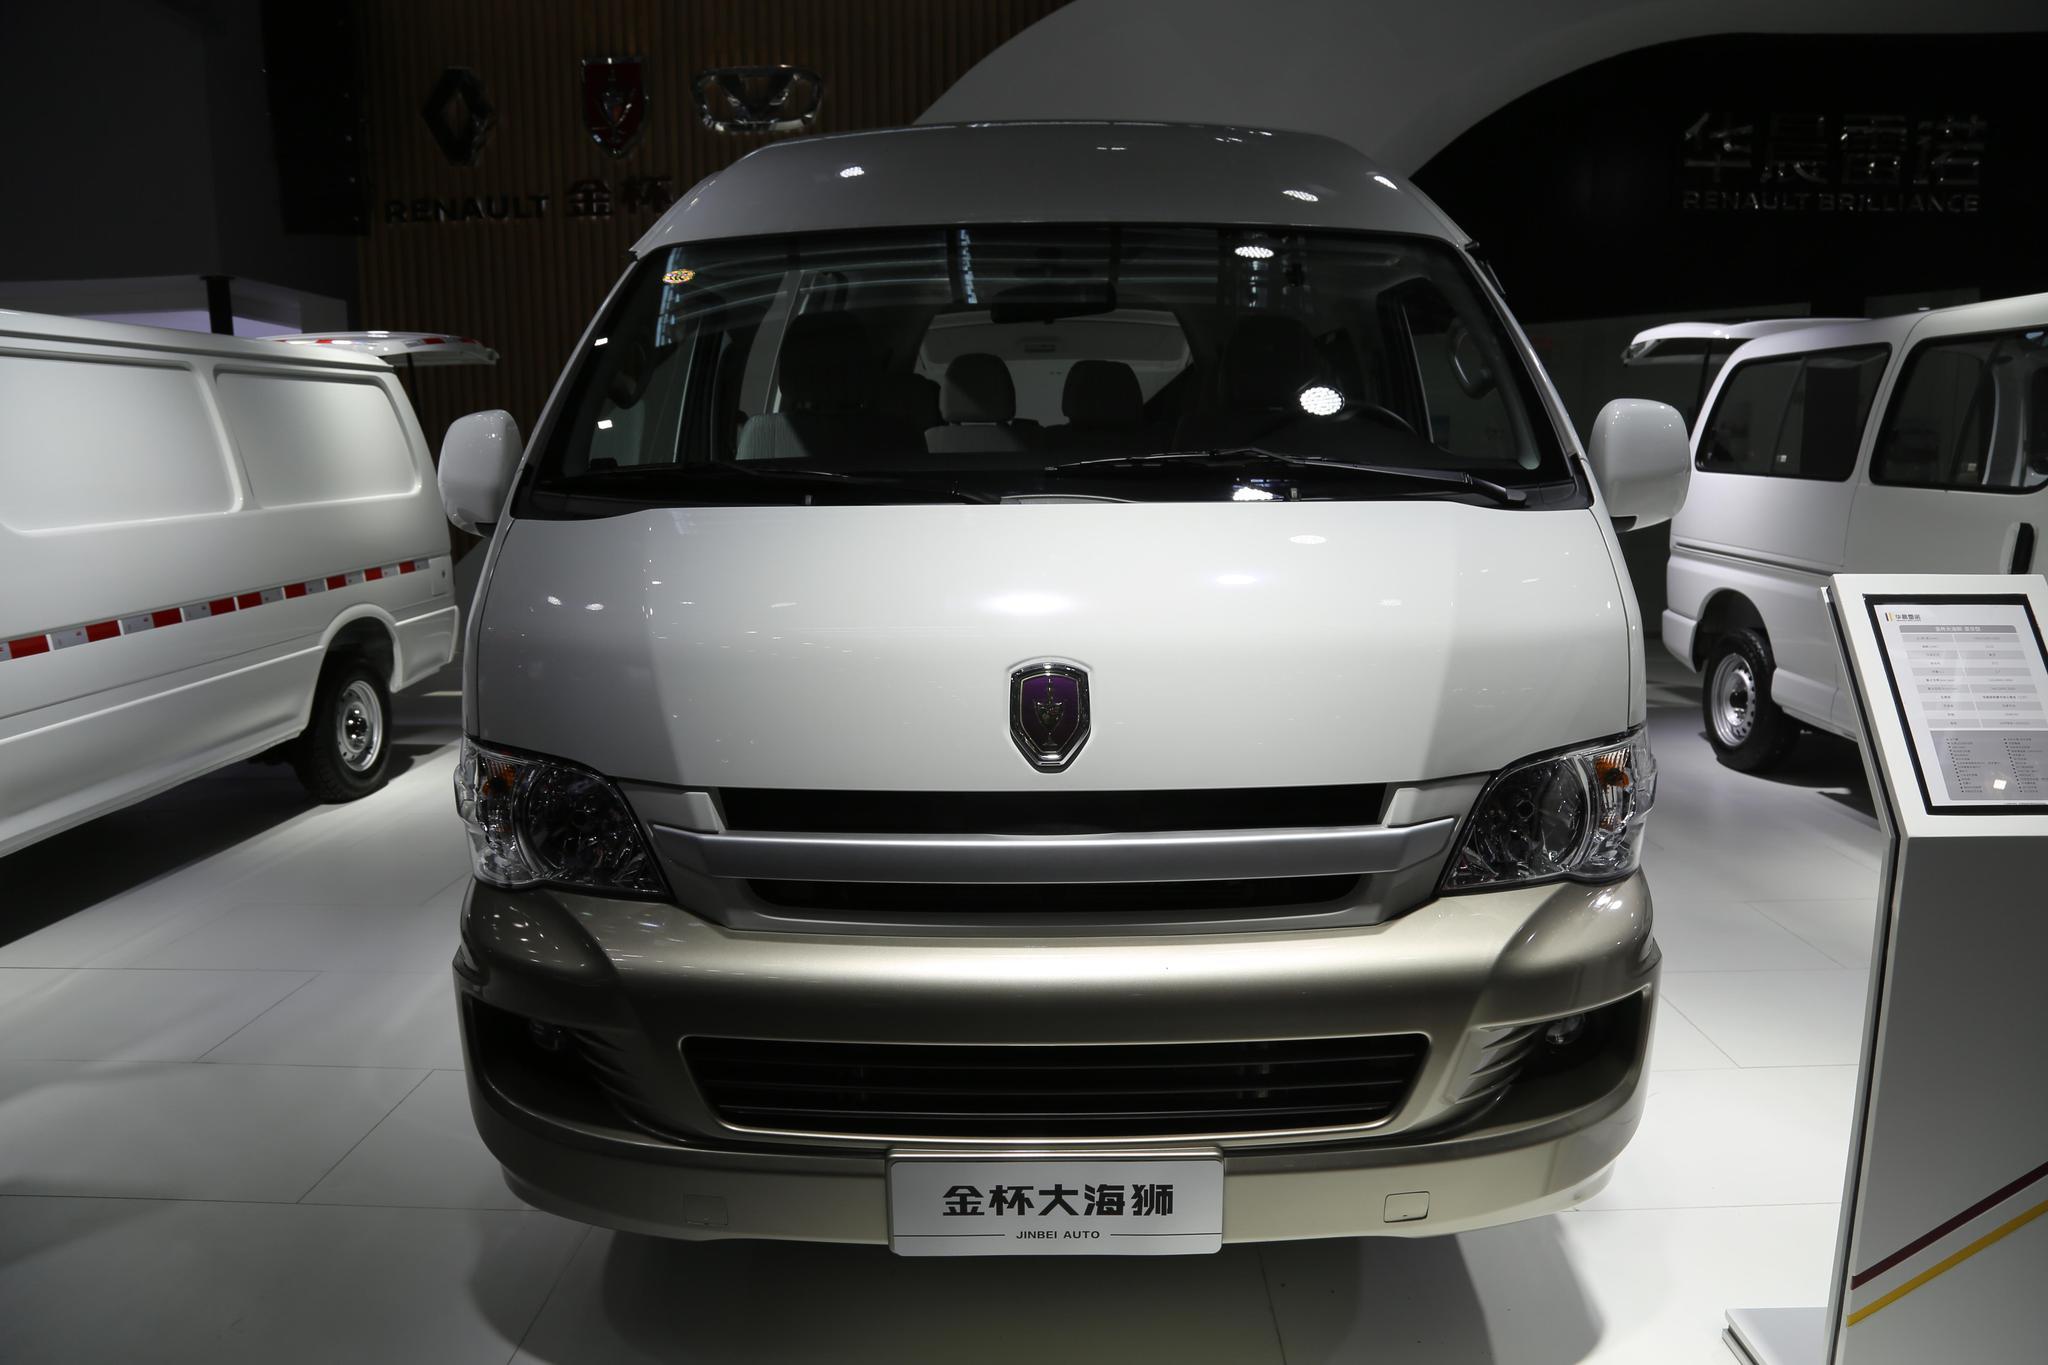 华晨金杯:大海狮商旅车、新快运商用车、金杯F50,你选谁!